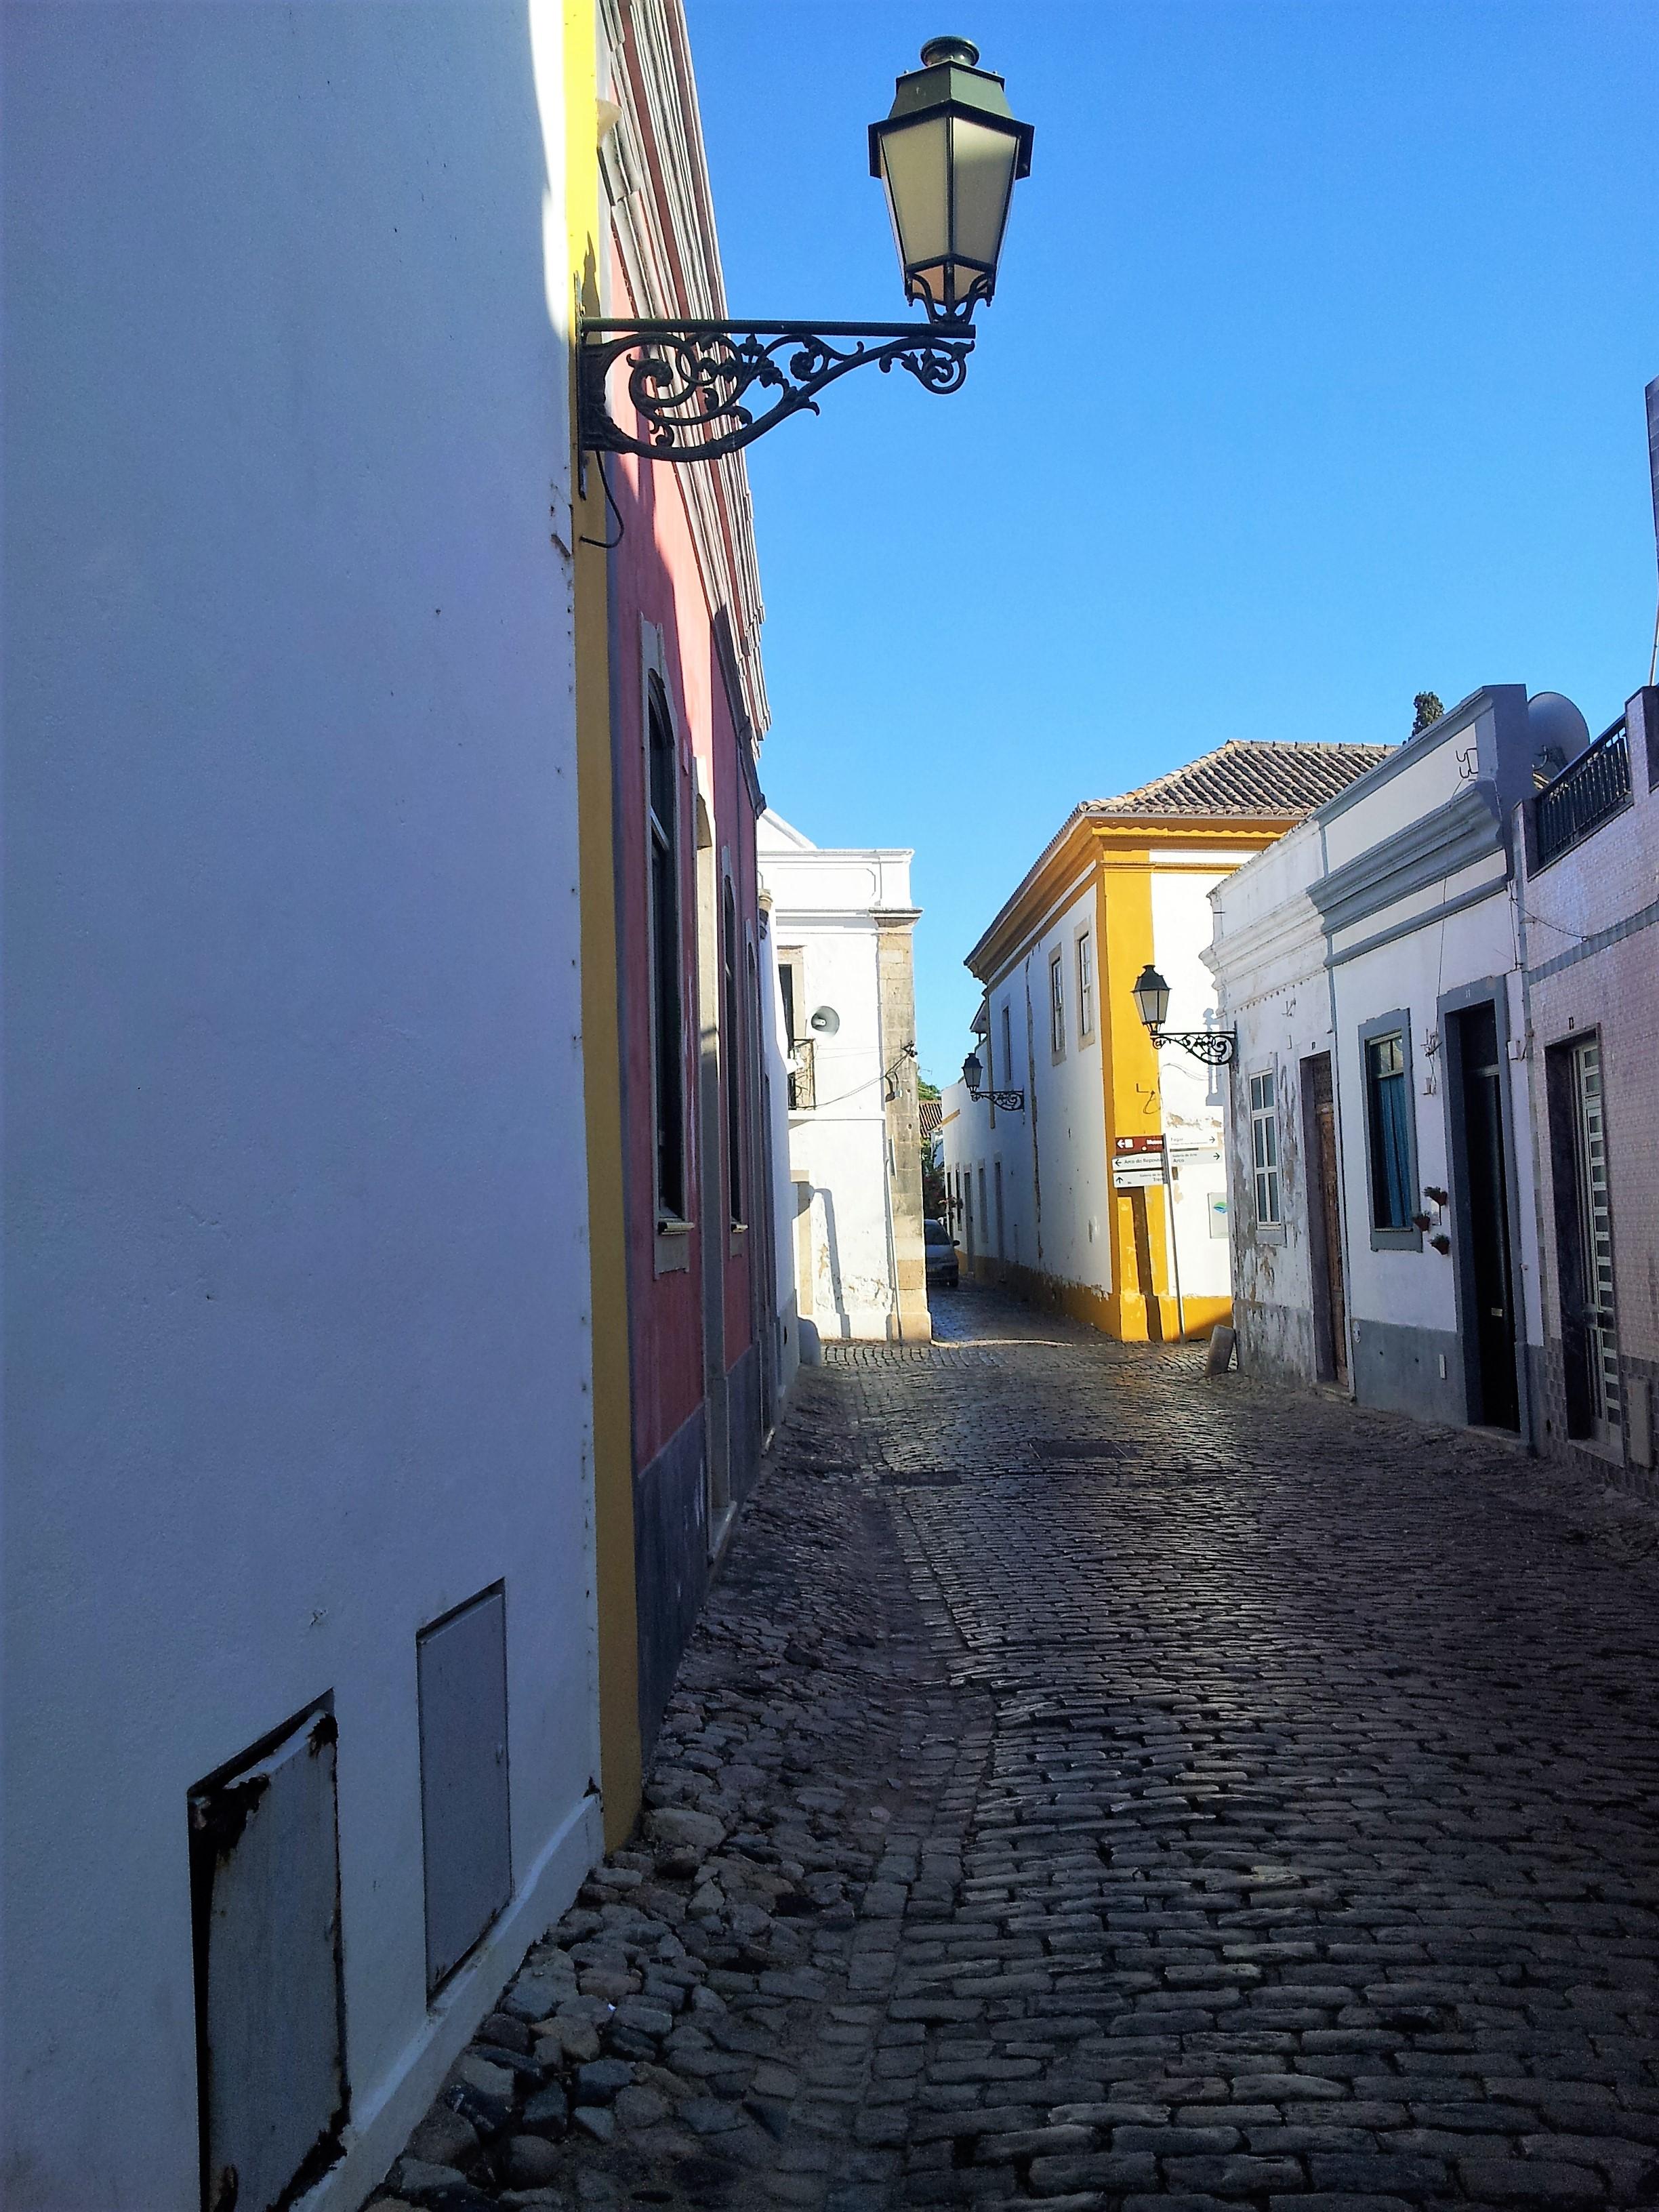 20160910 185457 Faro, dernier jour en Algarve